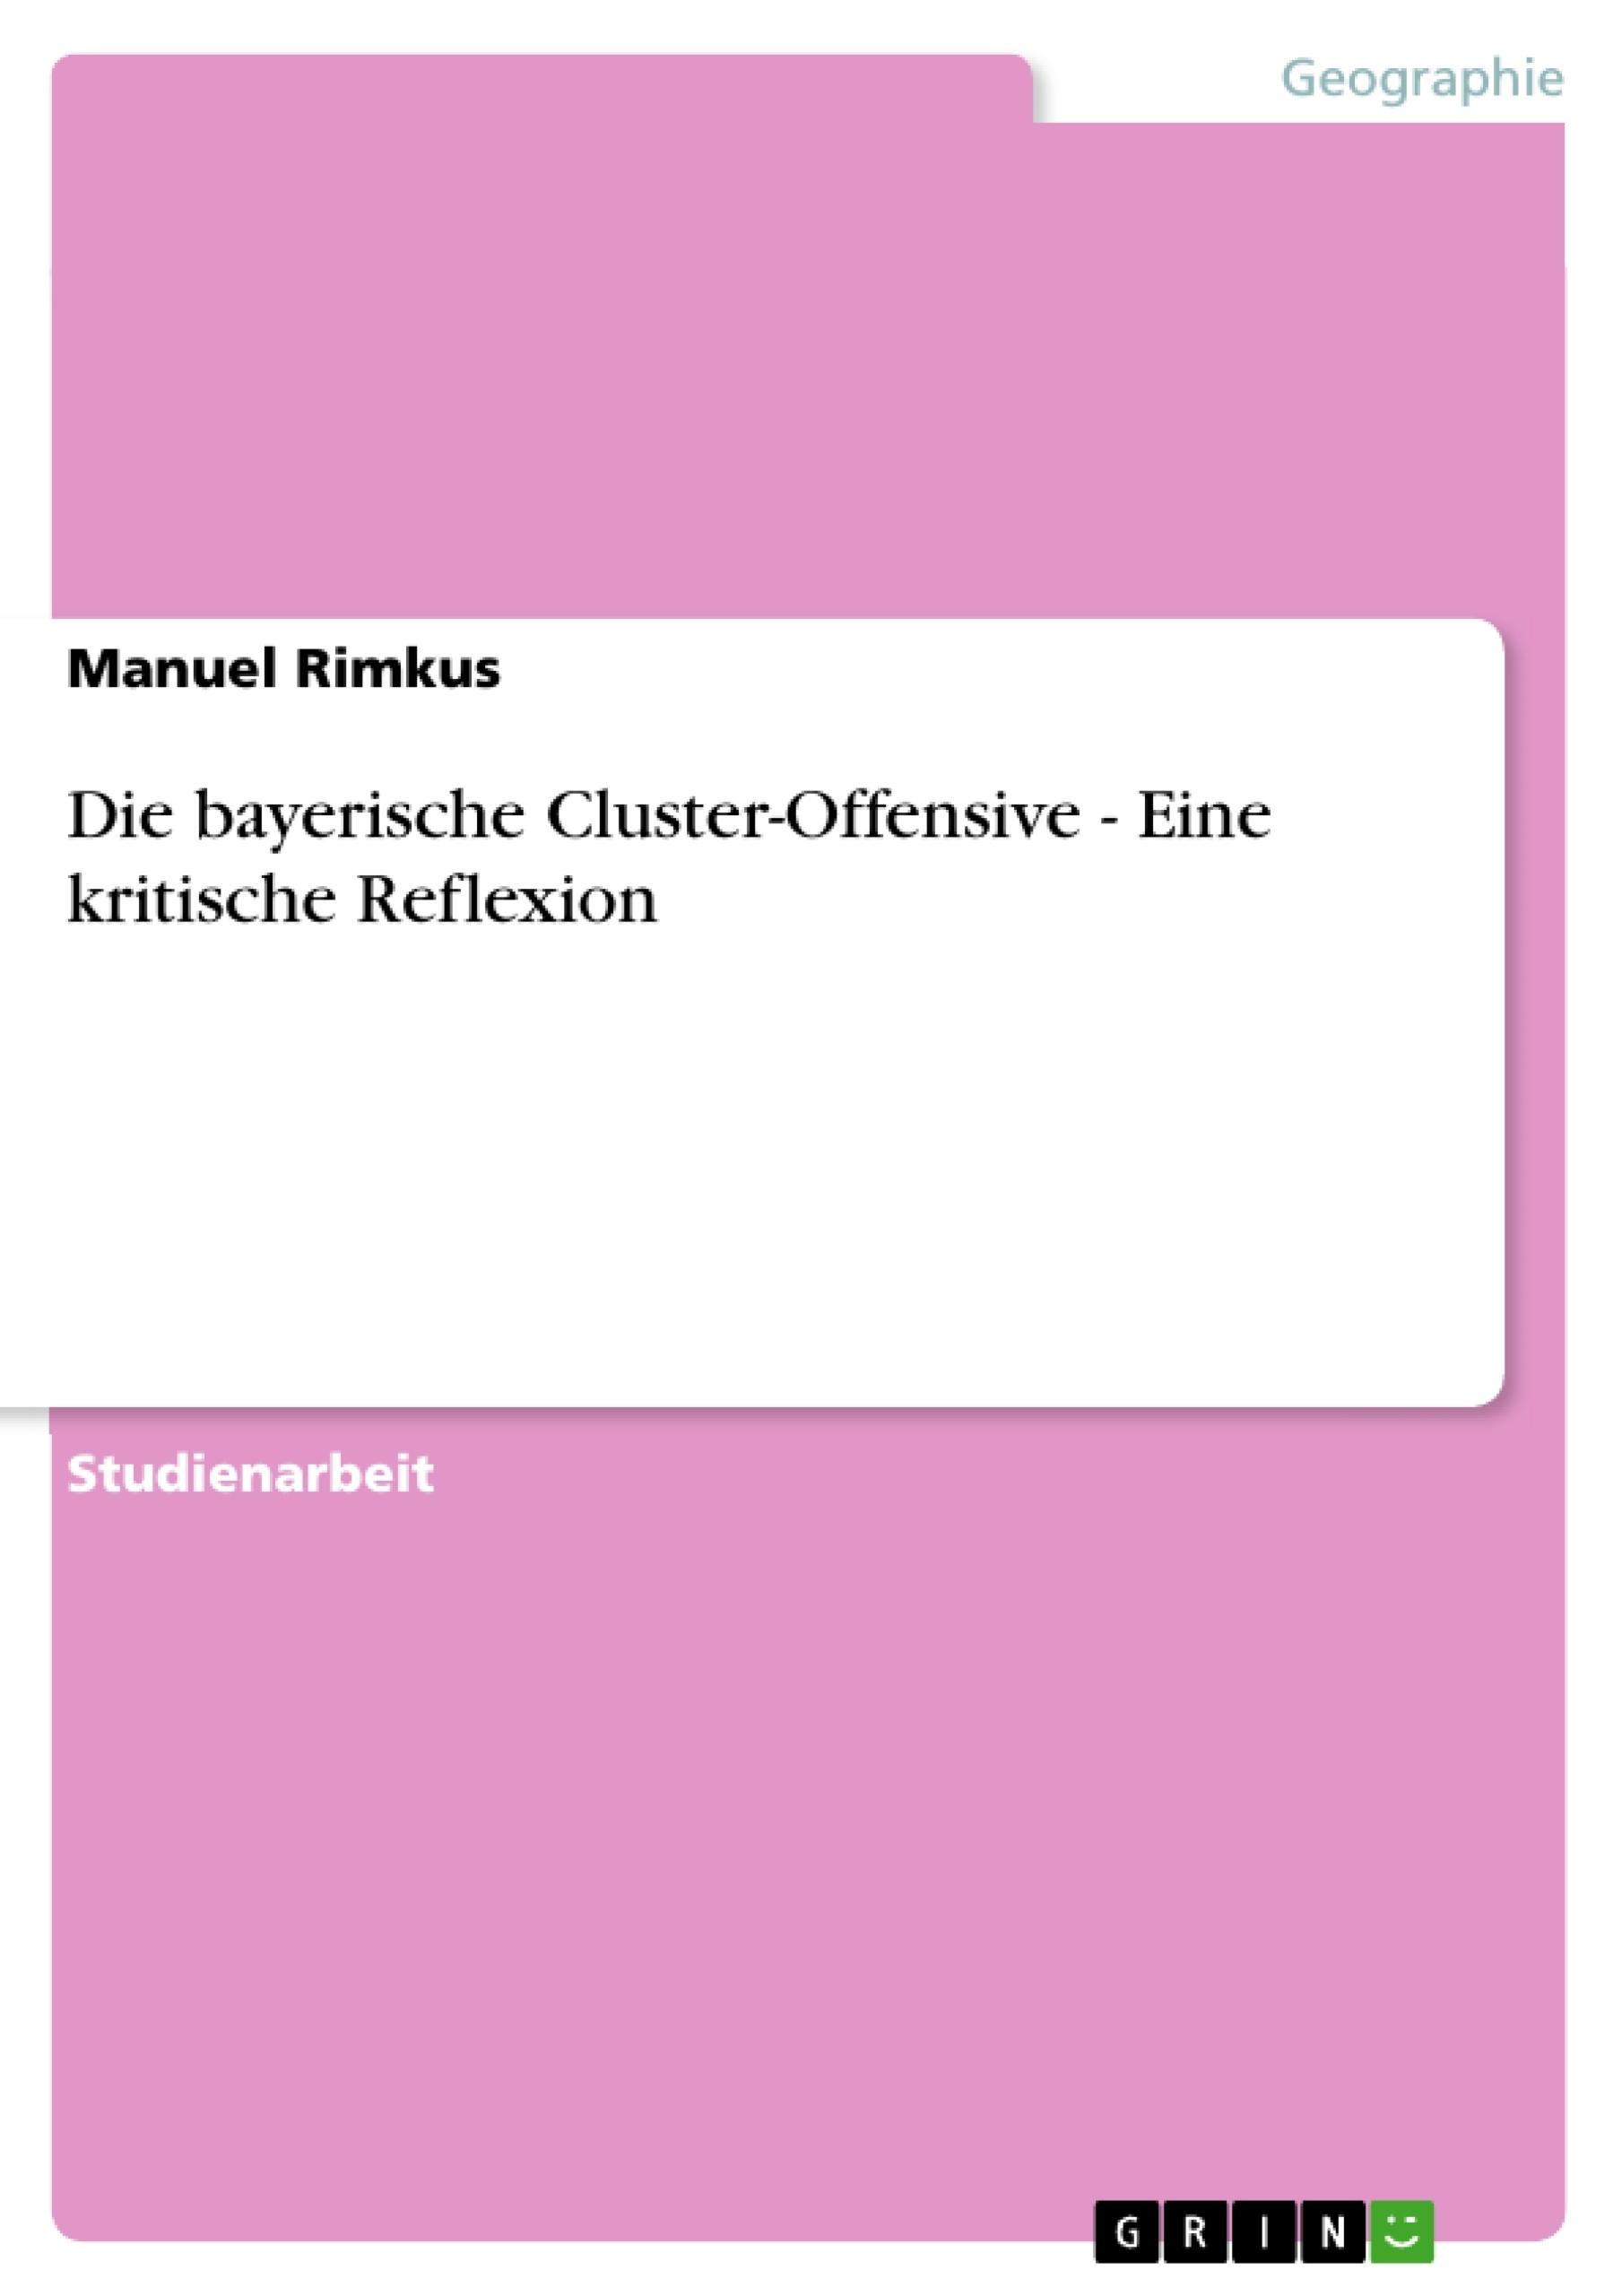 Titel: Die bayerische Cluster-Offensive - Eine kritische Reflexion